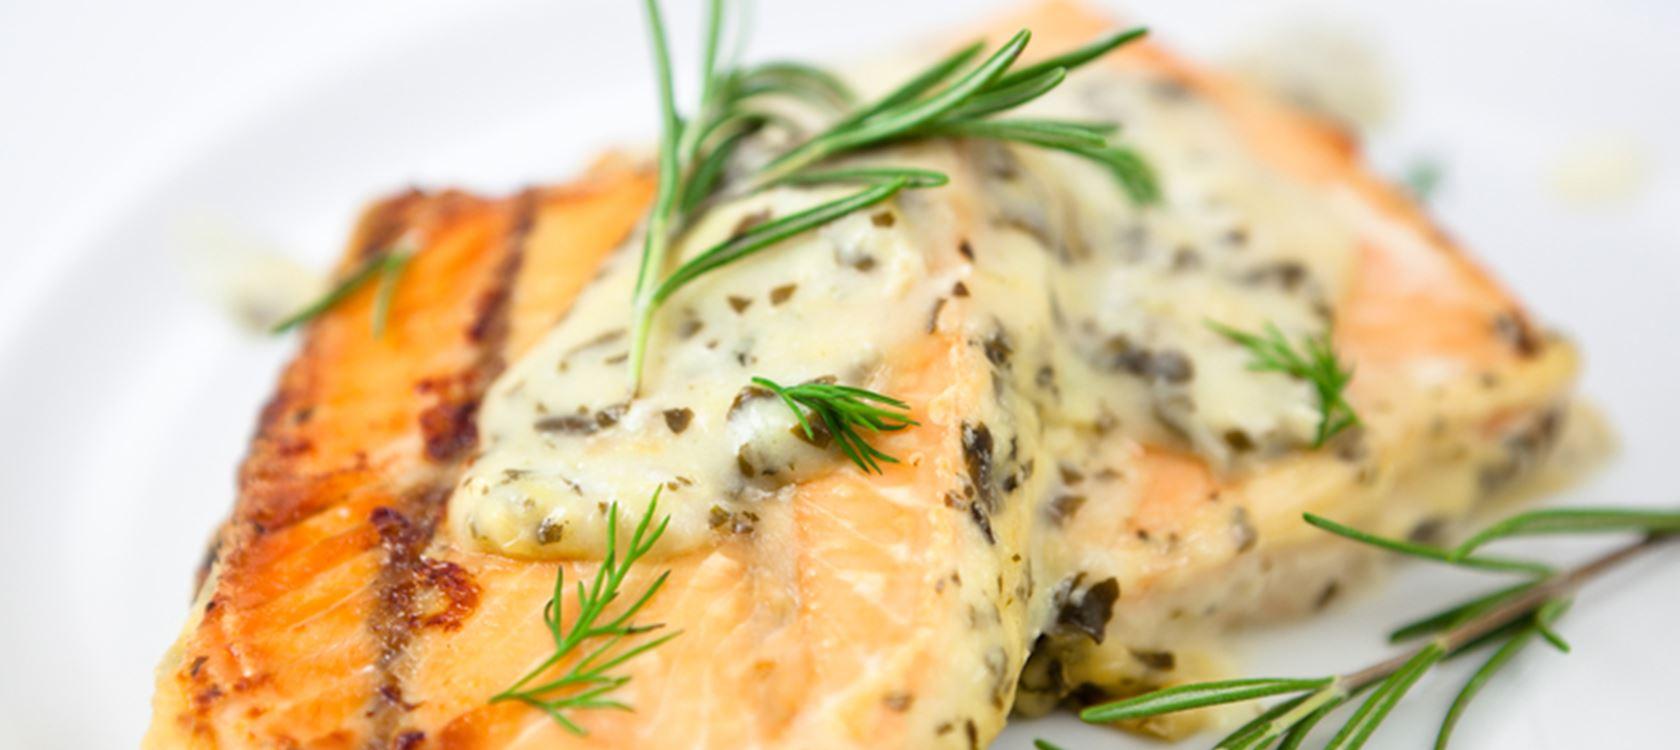 Σολομός σοτέ με σάλτσα βουτύρου και σχοινόπρασο